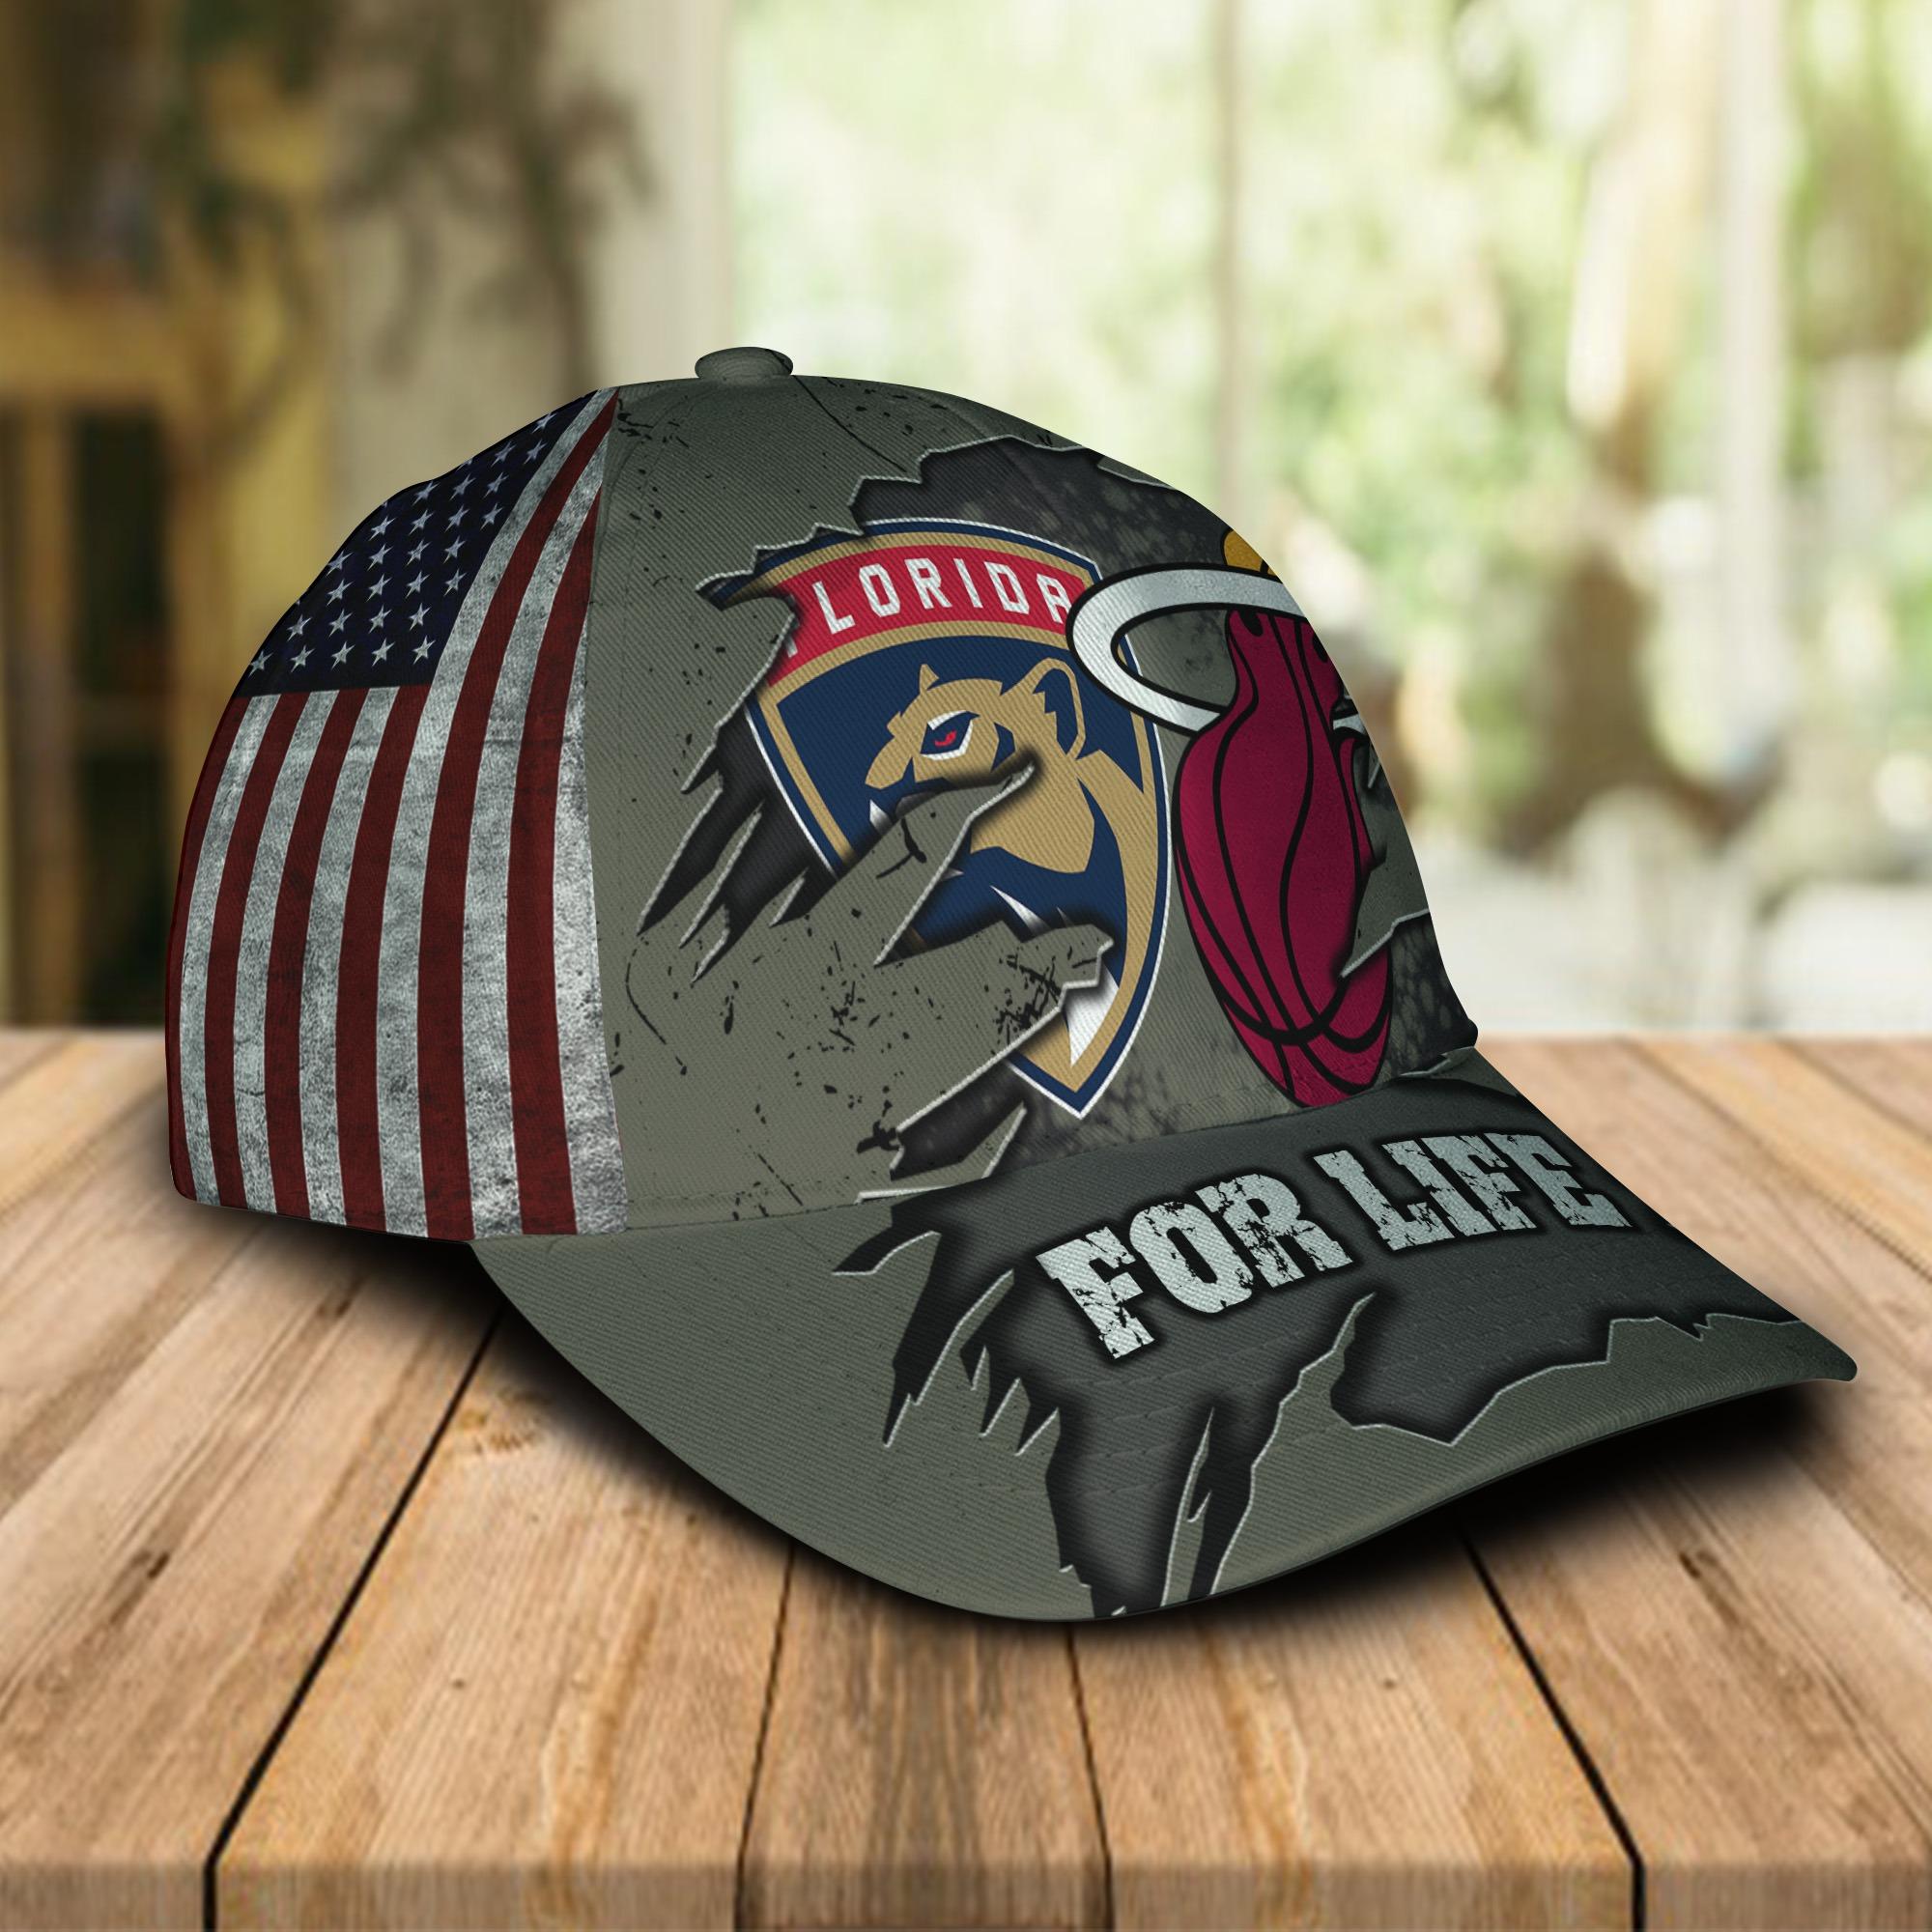 Miami Heat Florida Panthers For Life Cap 1